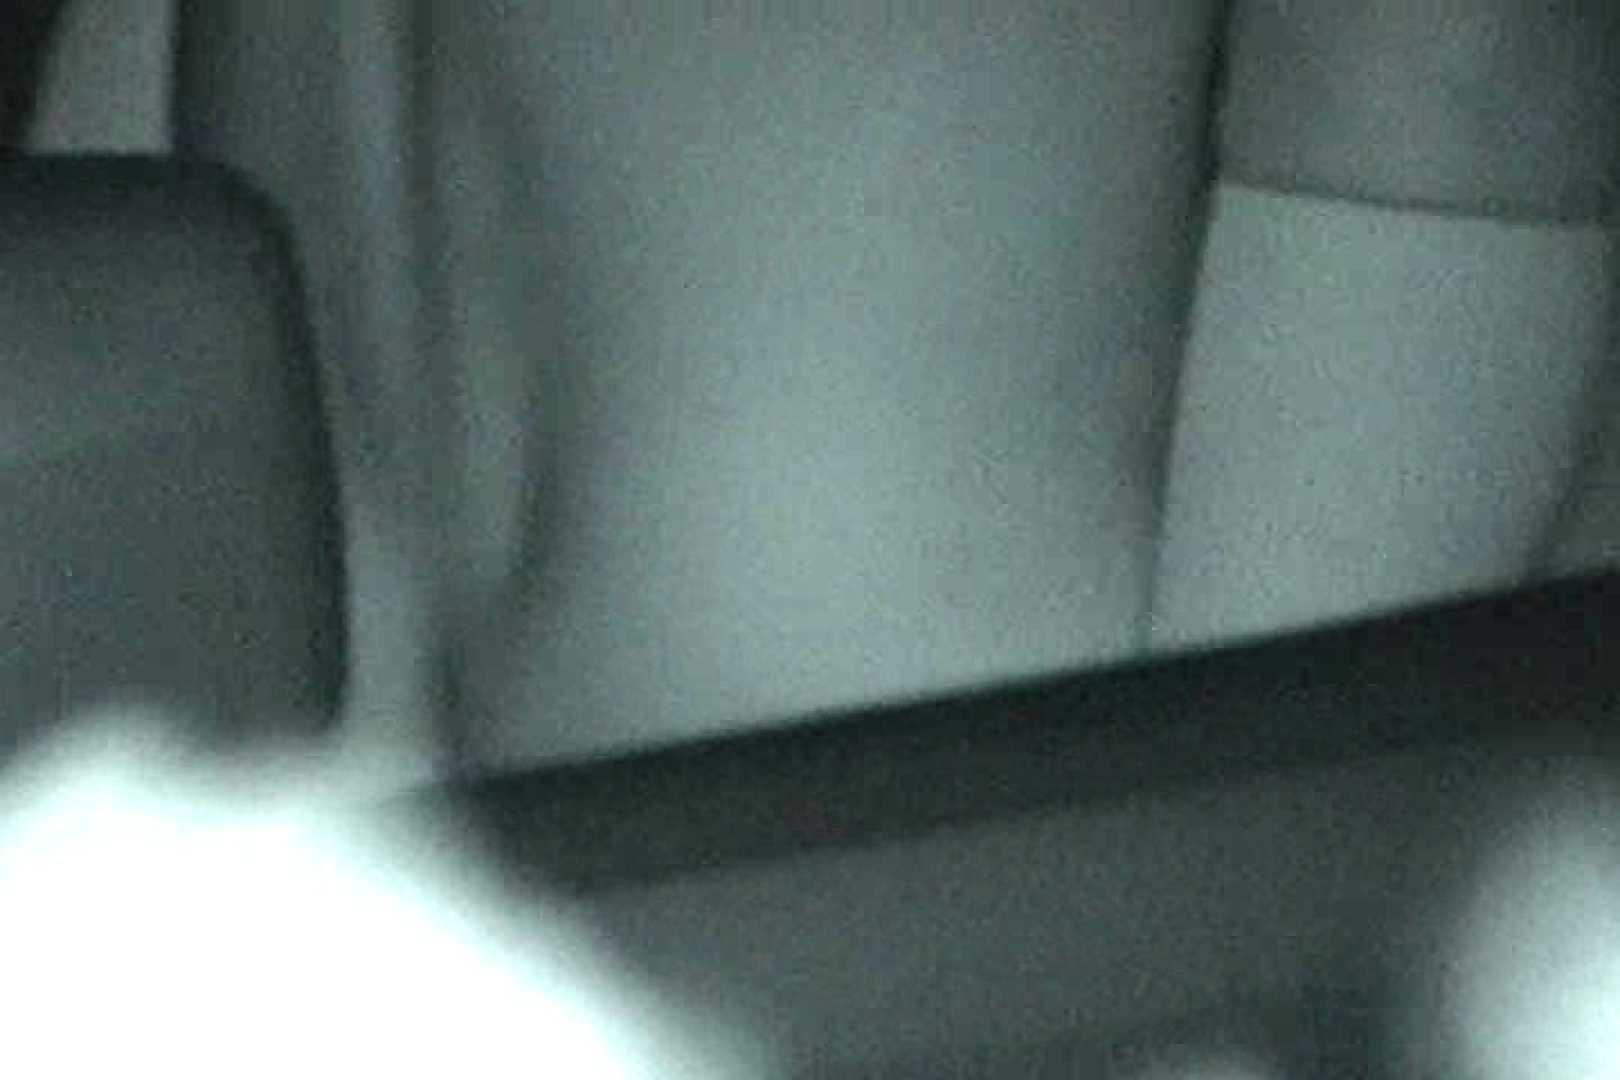 充血監督の深夜の運動会Vol.24 フェラ スケベ動画紹介 57PIX 29